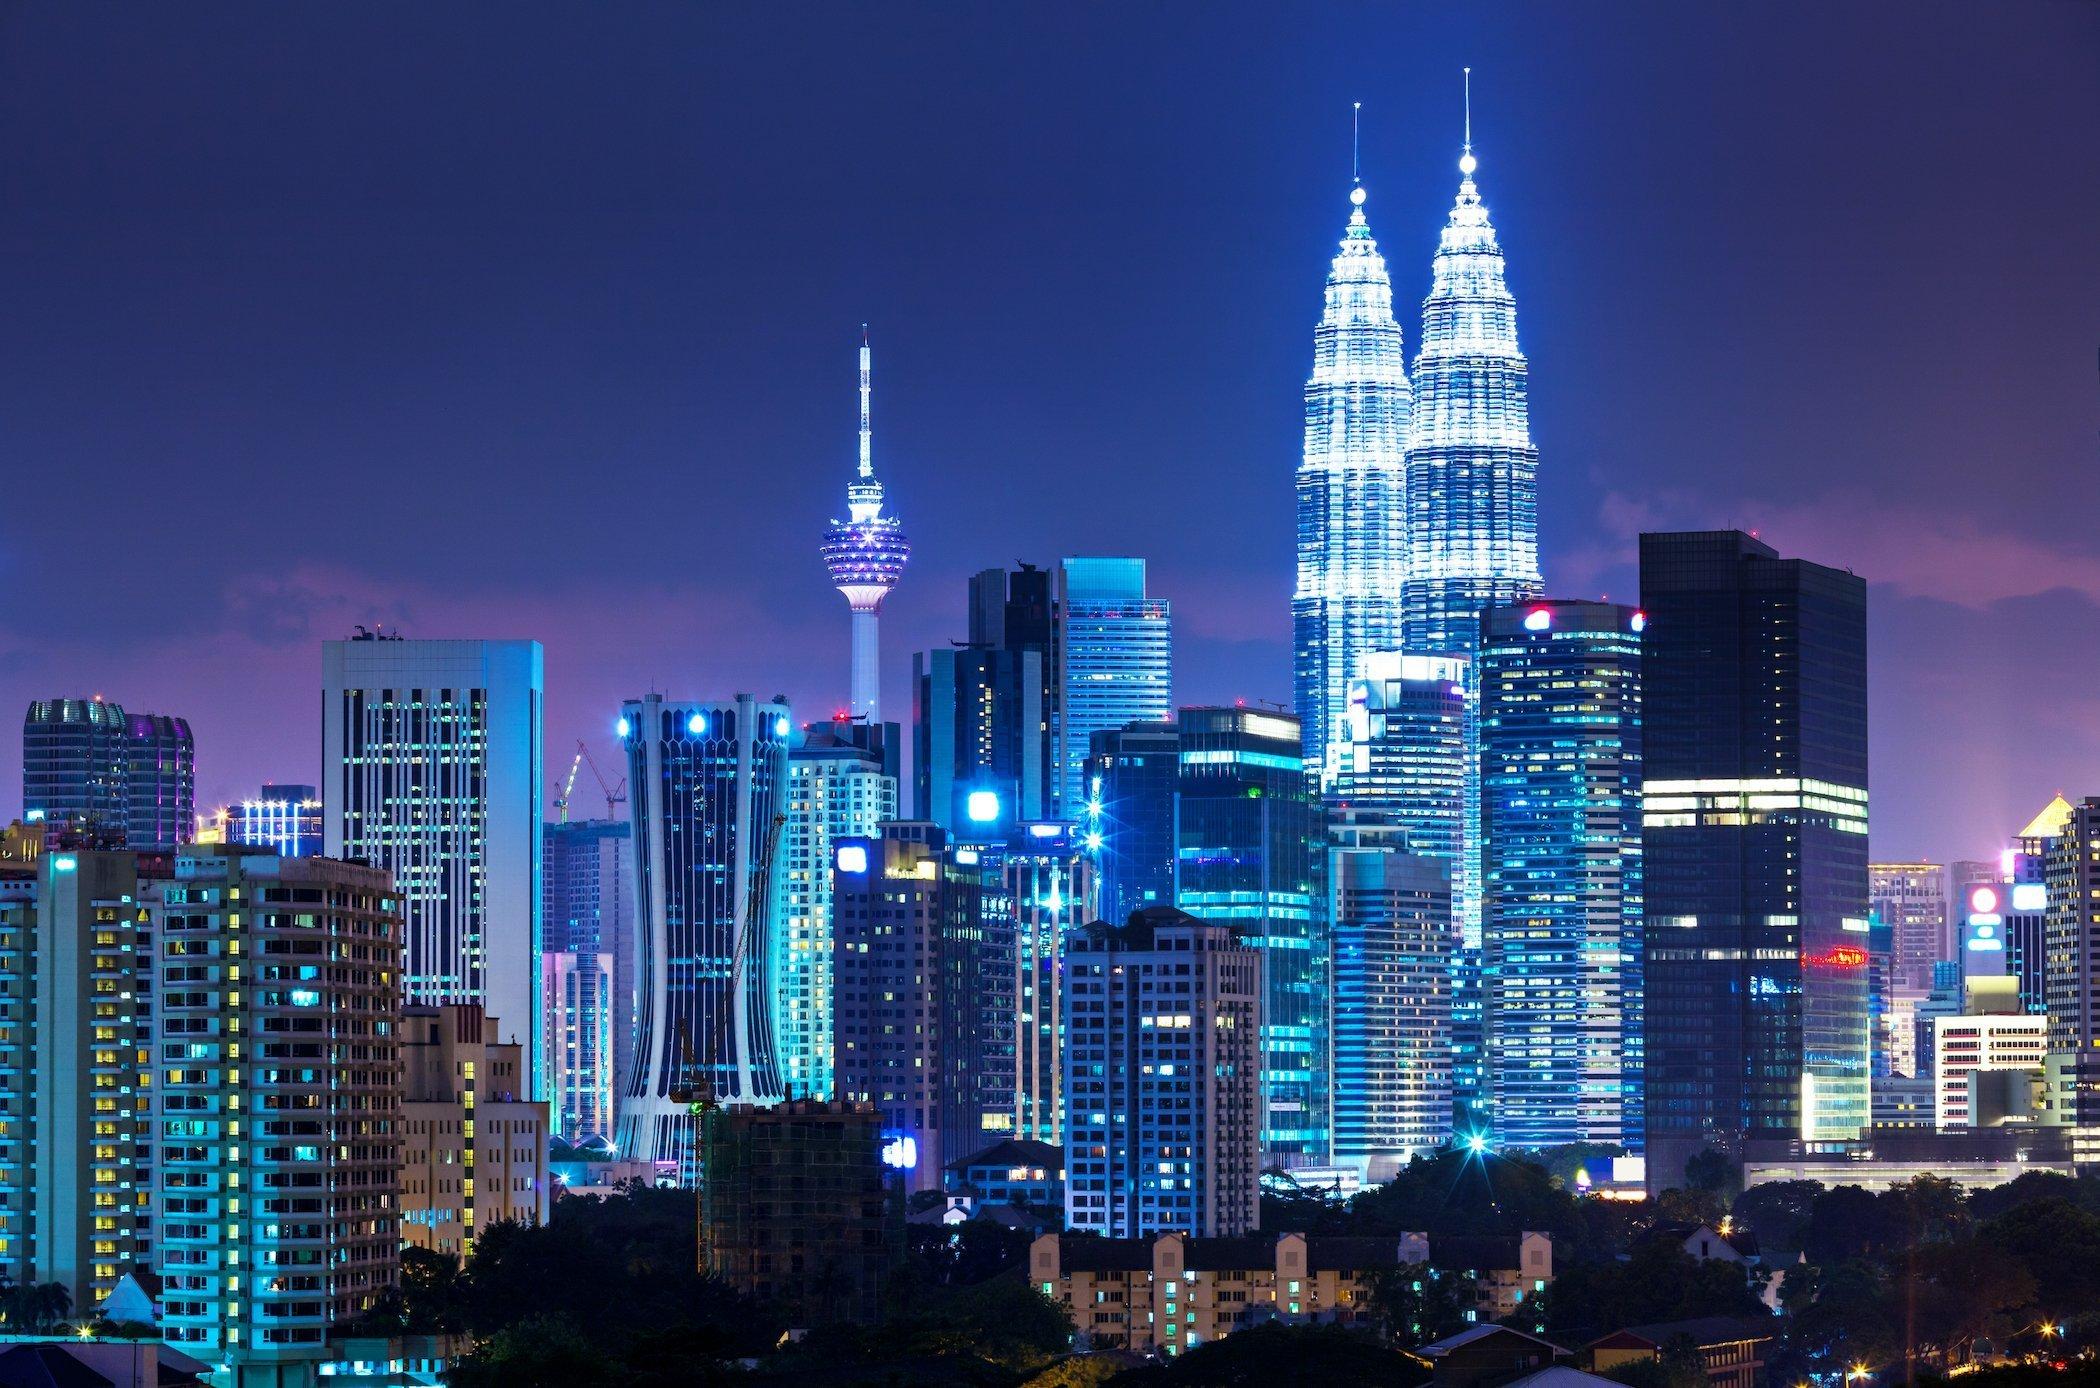 Skyline notturno della città di Kuala Lumpur, Malesia